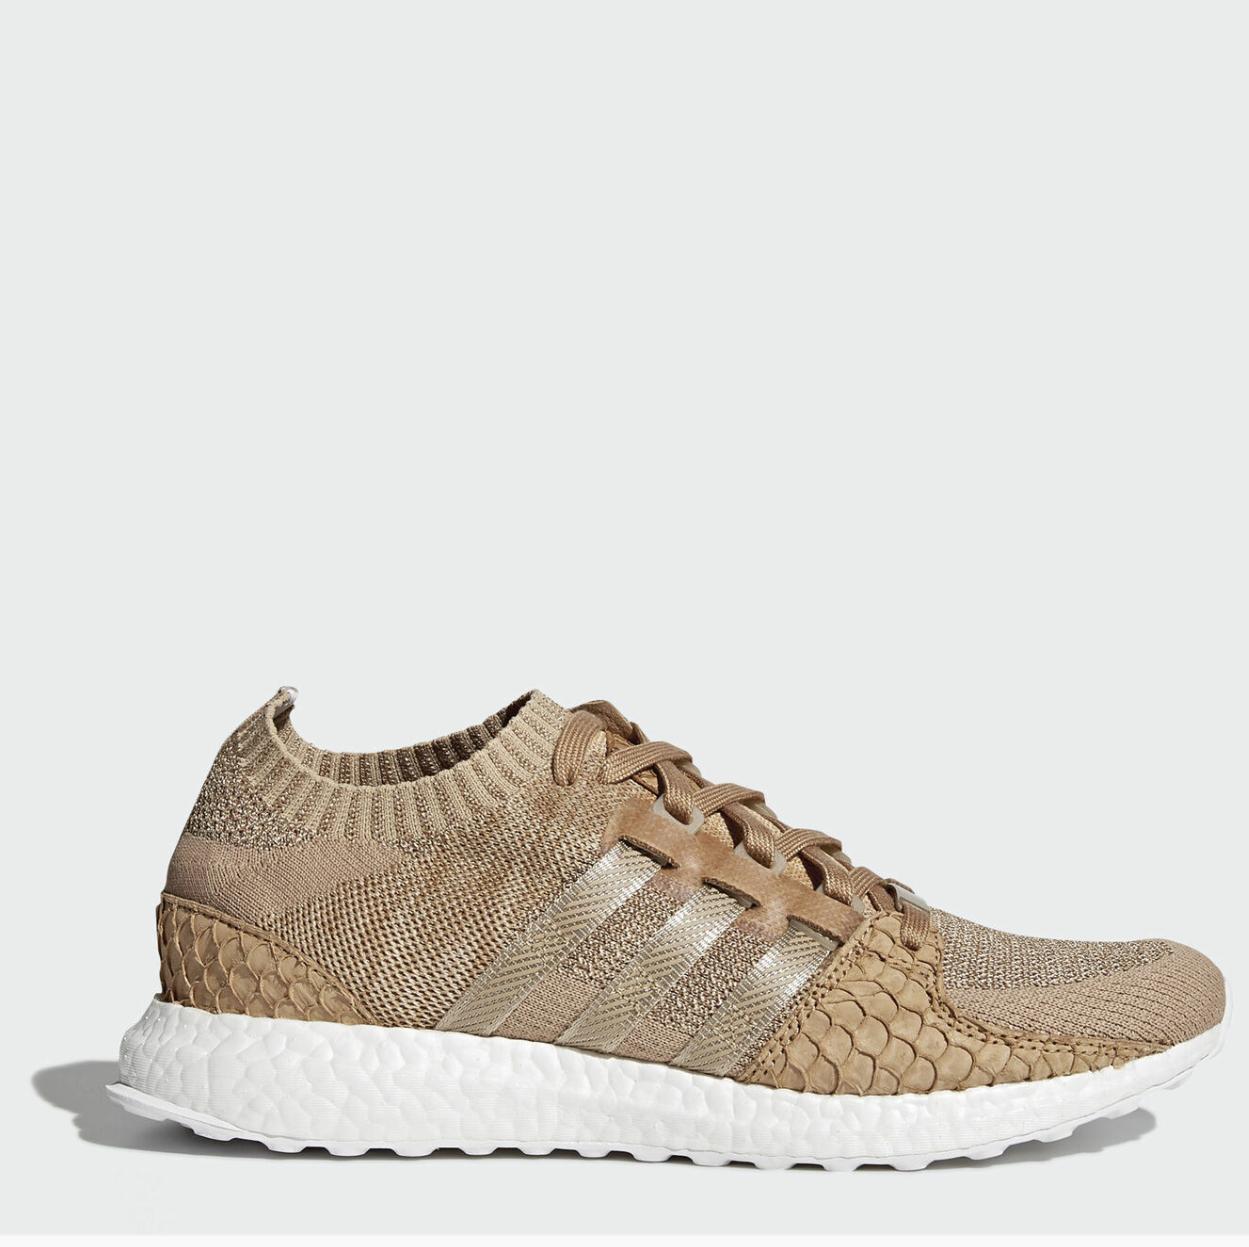 2件!adidas 阿迪达斯 EQT Support Ultra 休闲运动跑步鞋 84.48美元约¥585(京东券后769元/件) 买手党-买手聚集的地方